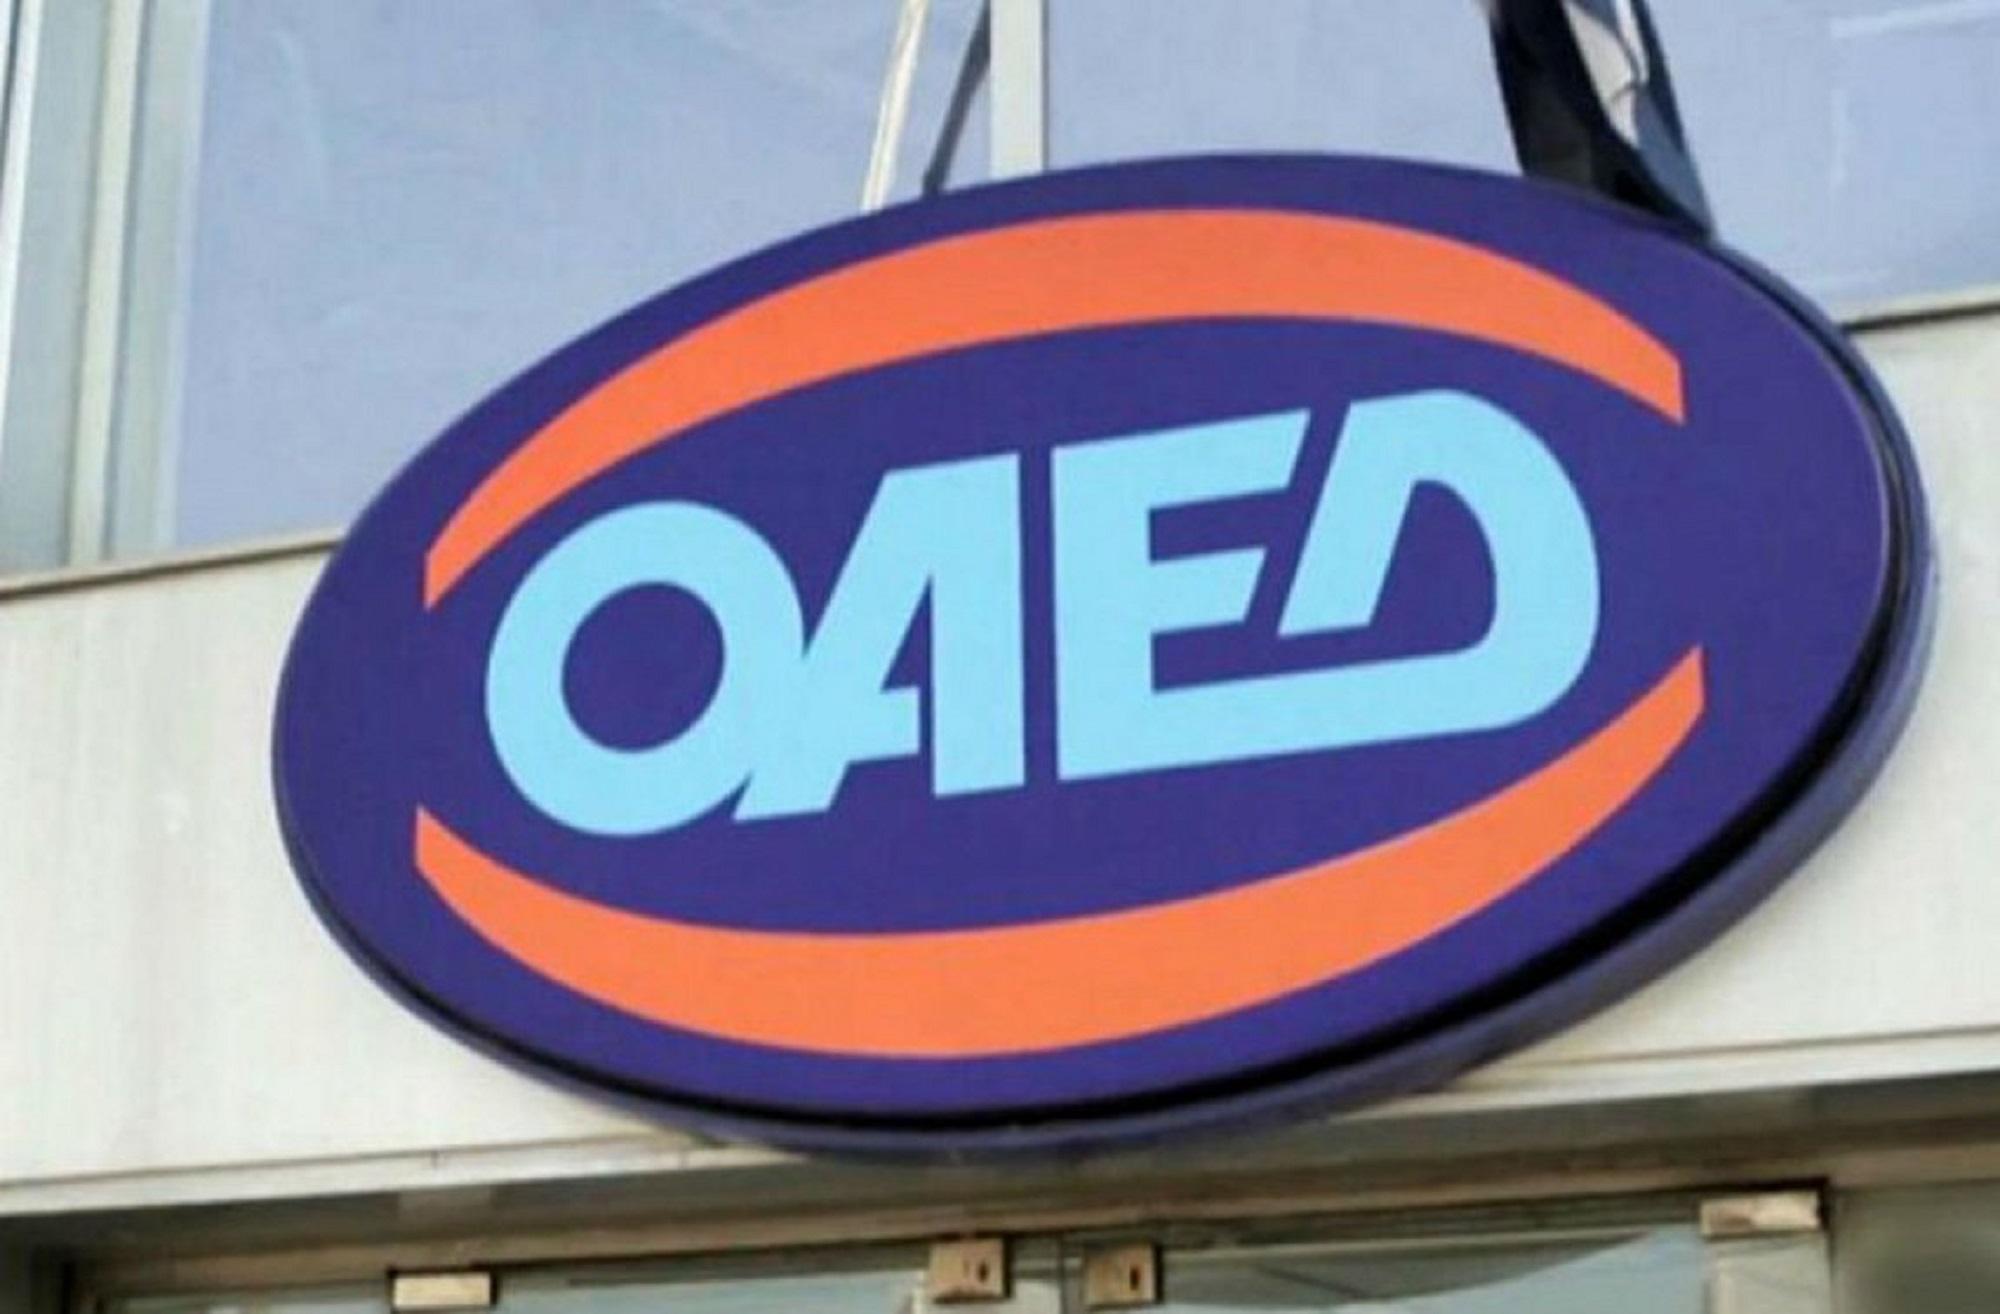 Ξεκινούν αύριο 14/9 οι αιτήσεις για το ειδικό εποχικό βοήθημα του ΟΑΕΔ έτους 2021